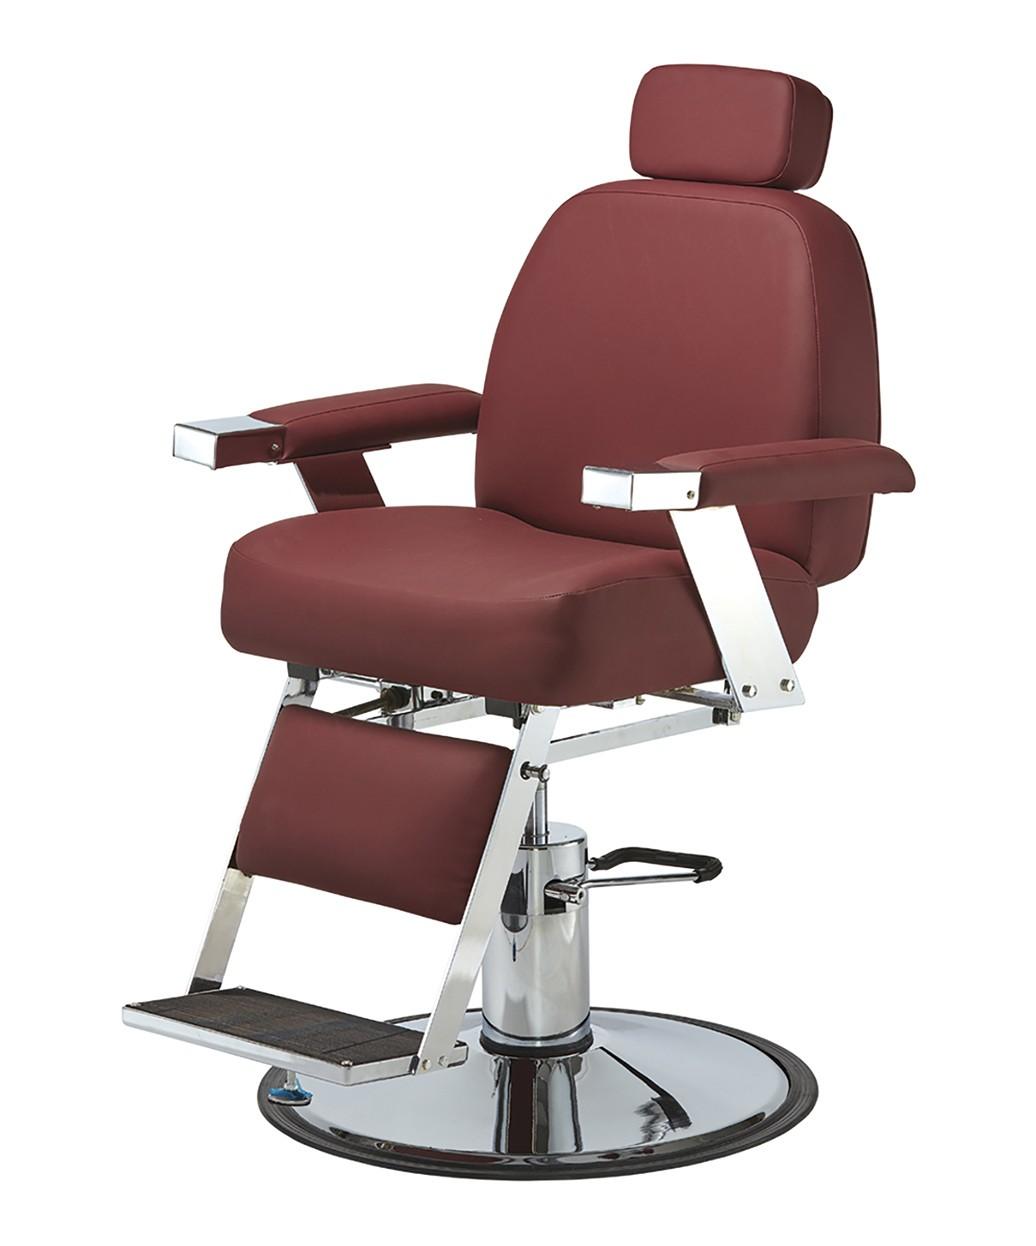 Pibbs 651 Duke Barber Chair